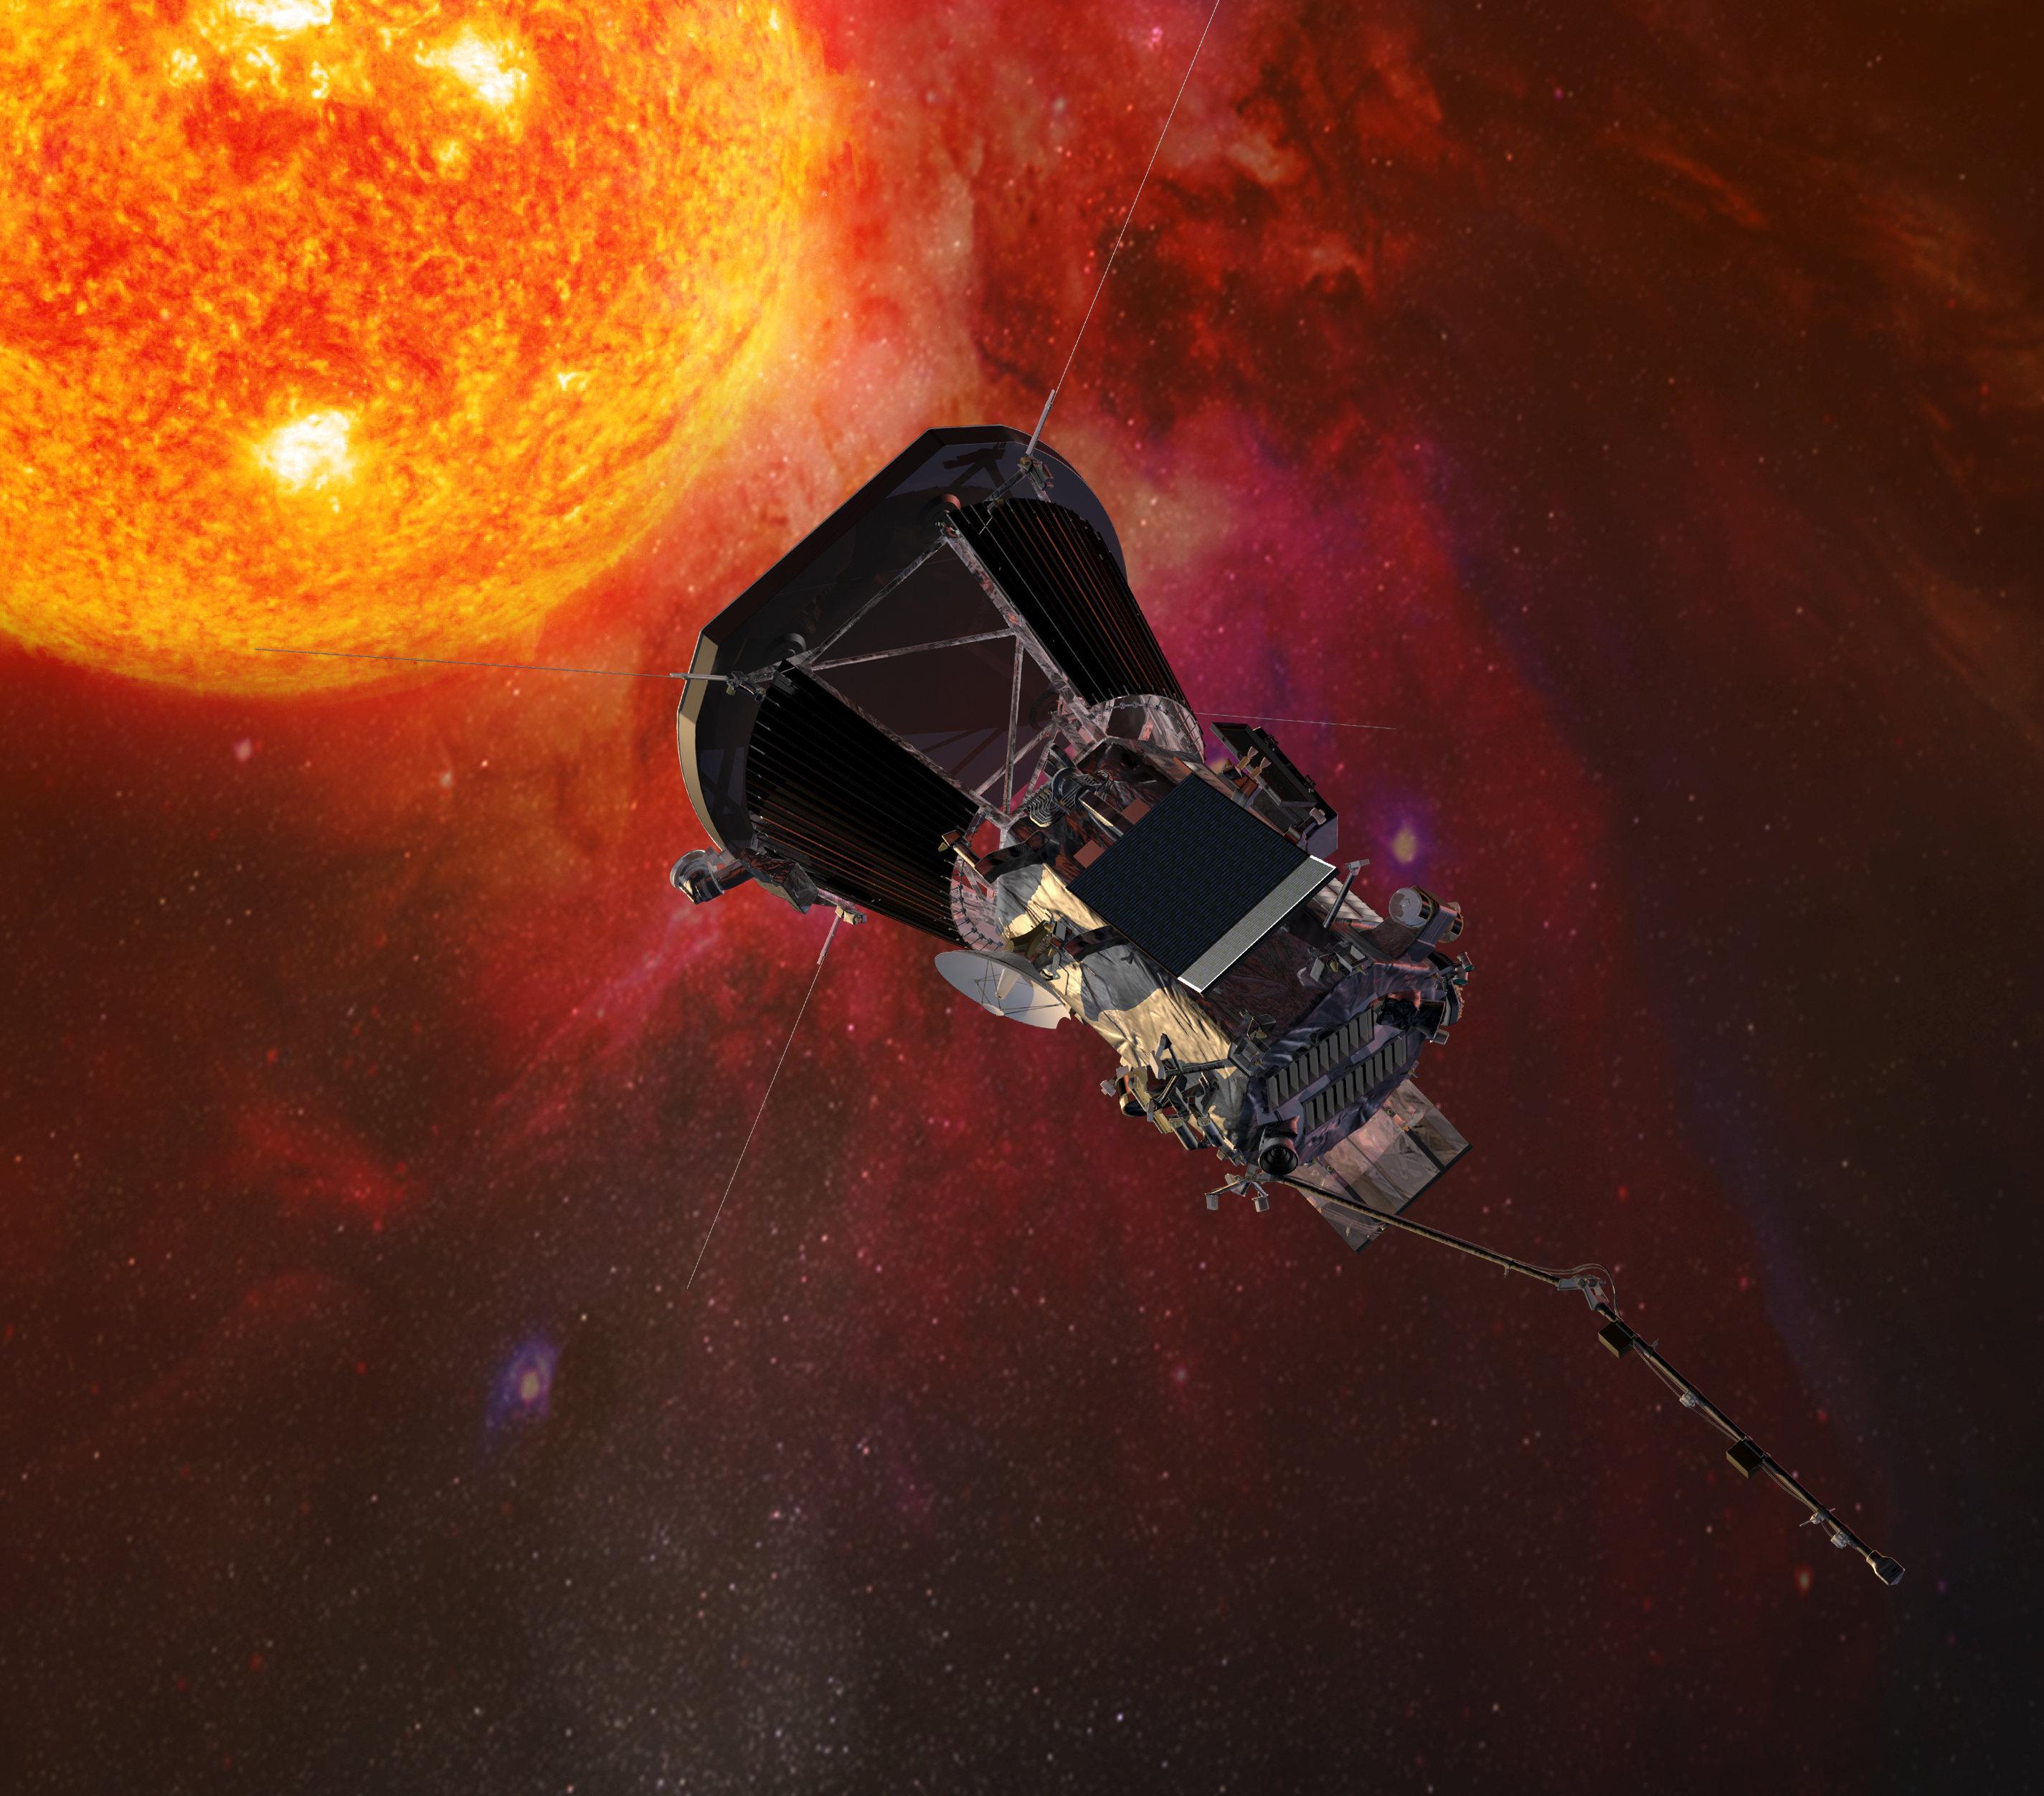 La sonda Parker Solar Probe se acerca al Sol (ilustración artística)